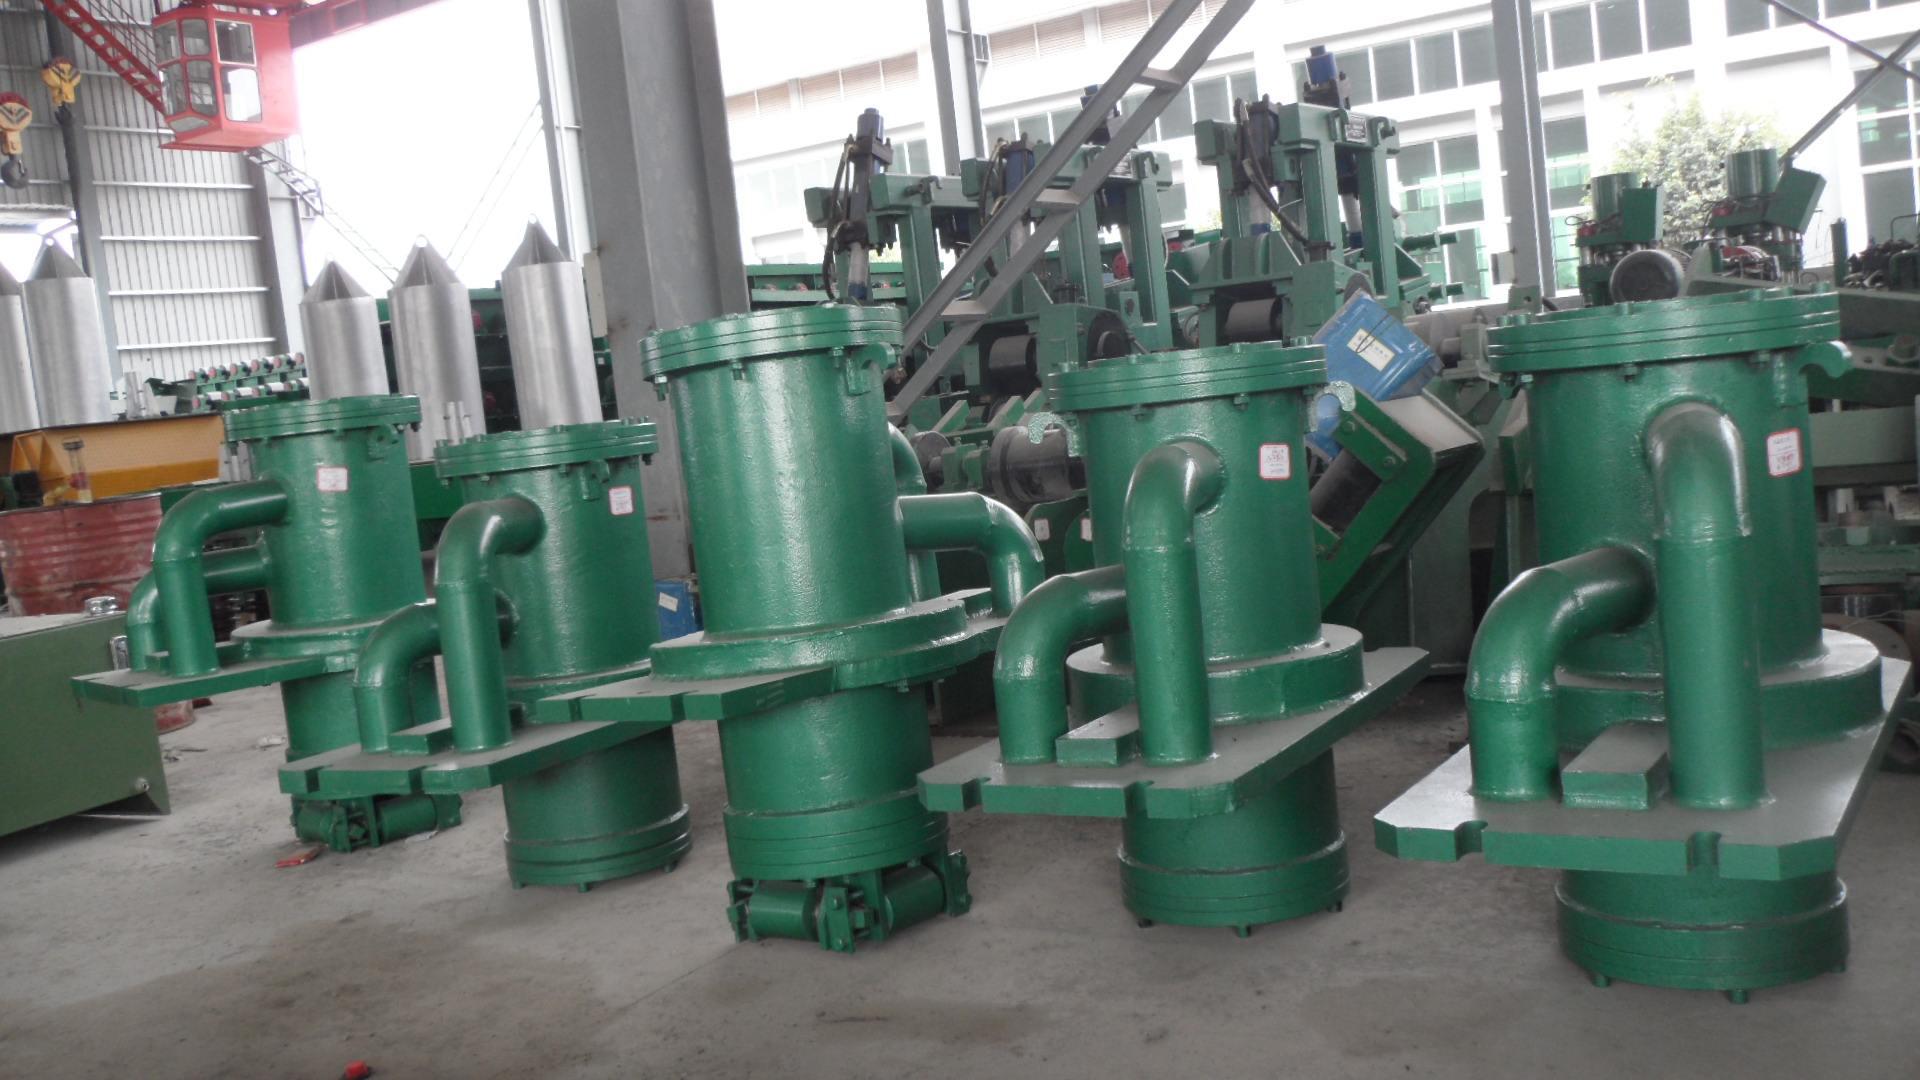 广西正规二手结晶器回收_小型二手化工设备-郓城万事顺机械设备商贸有限公司